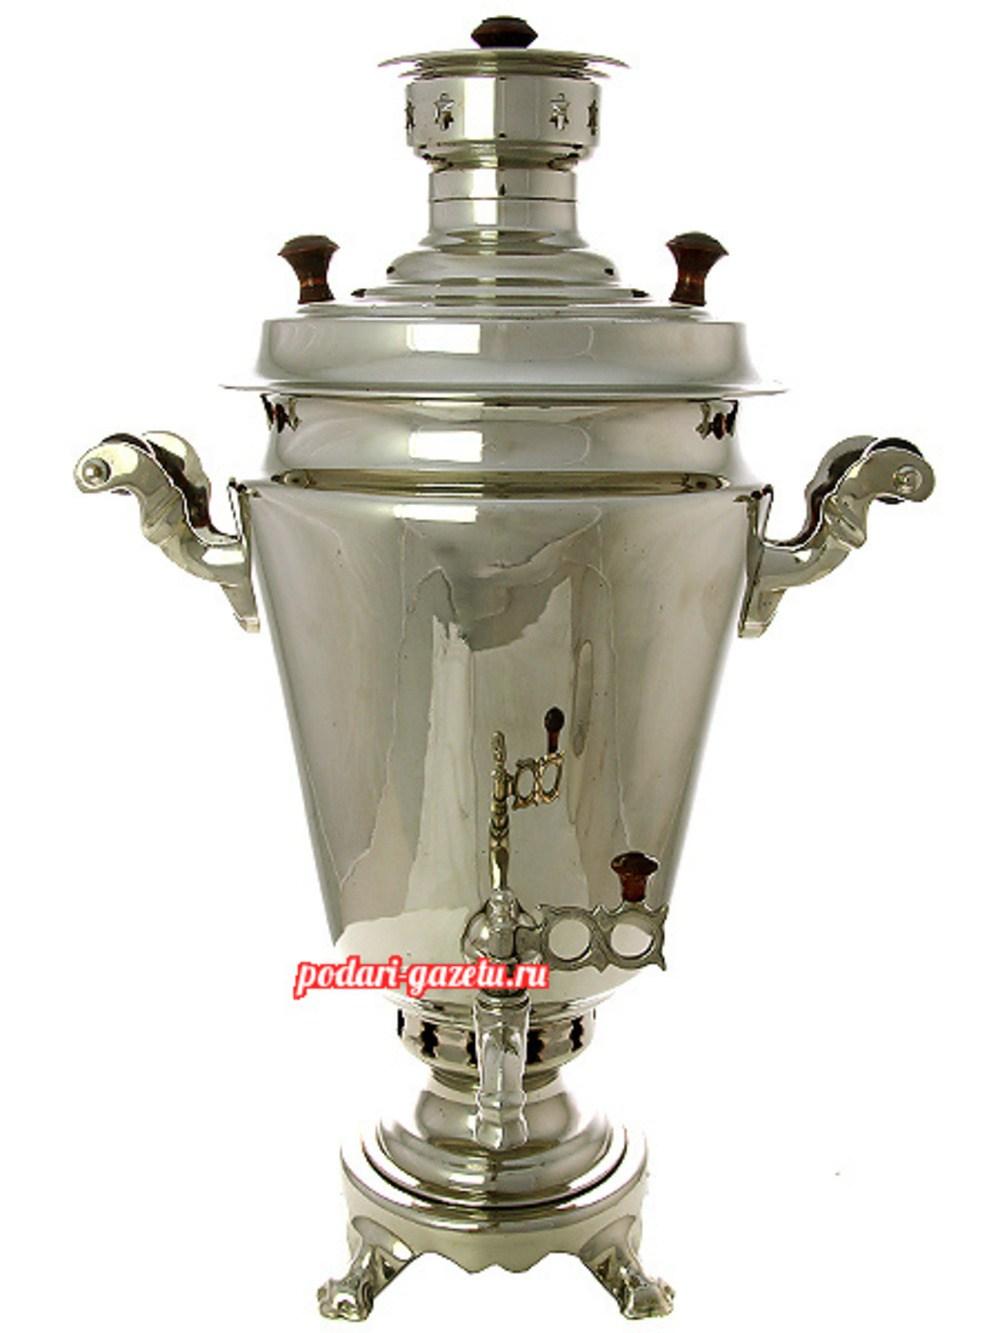 Угольный самовар (жаровый, дровяной) на 7 литров, конус никелированный